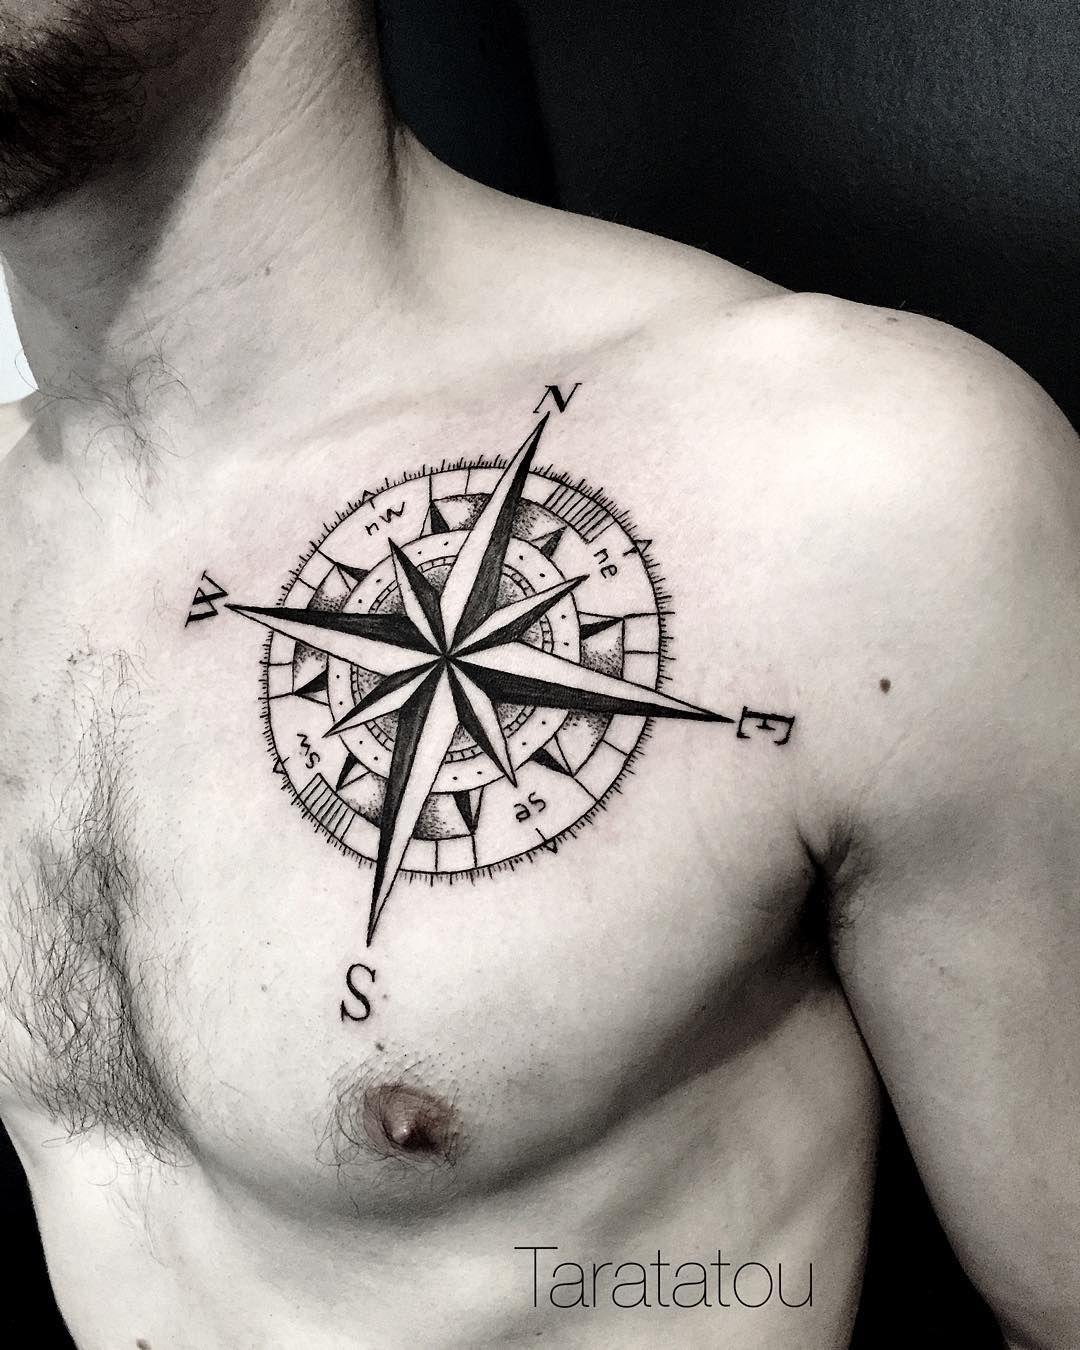 Tatouage homme torse -  Tattoo Tatouage Rosedesvents Boussole Compass Torse Homme Paris